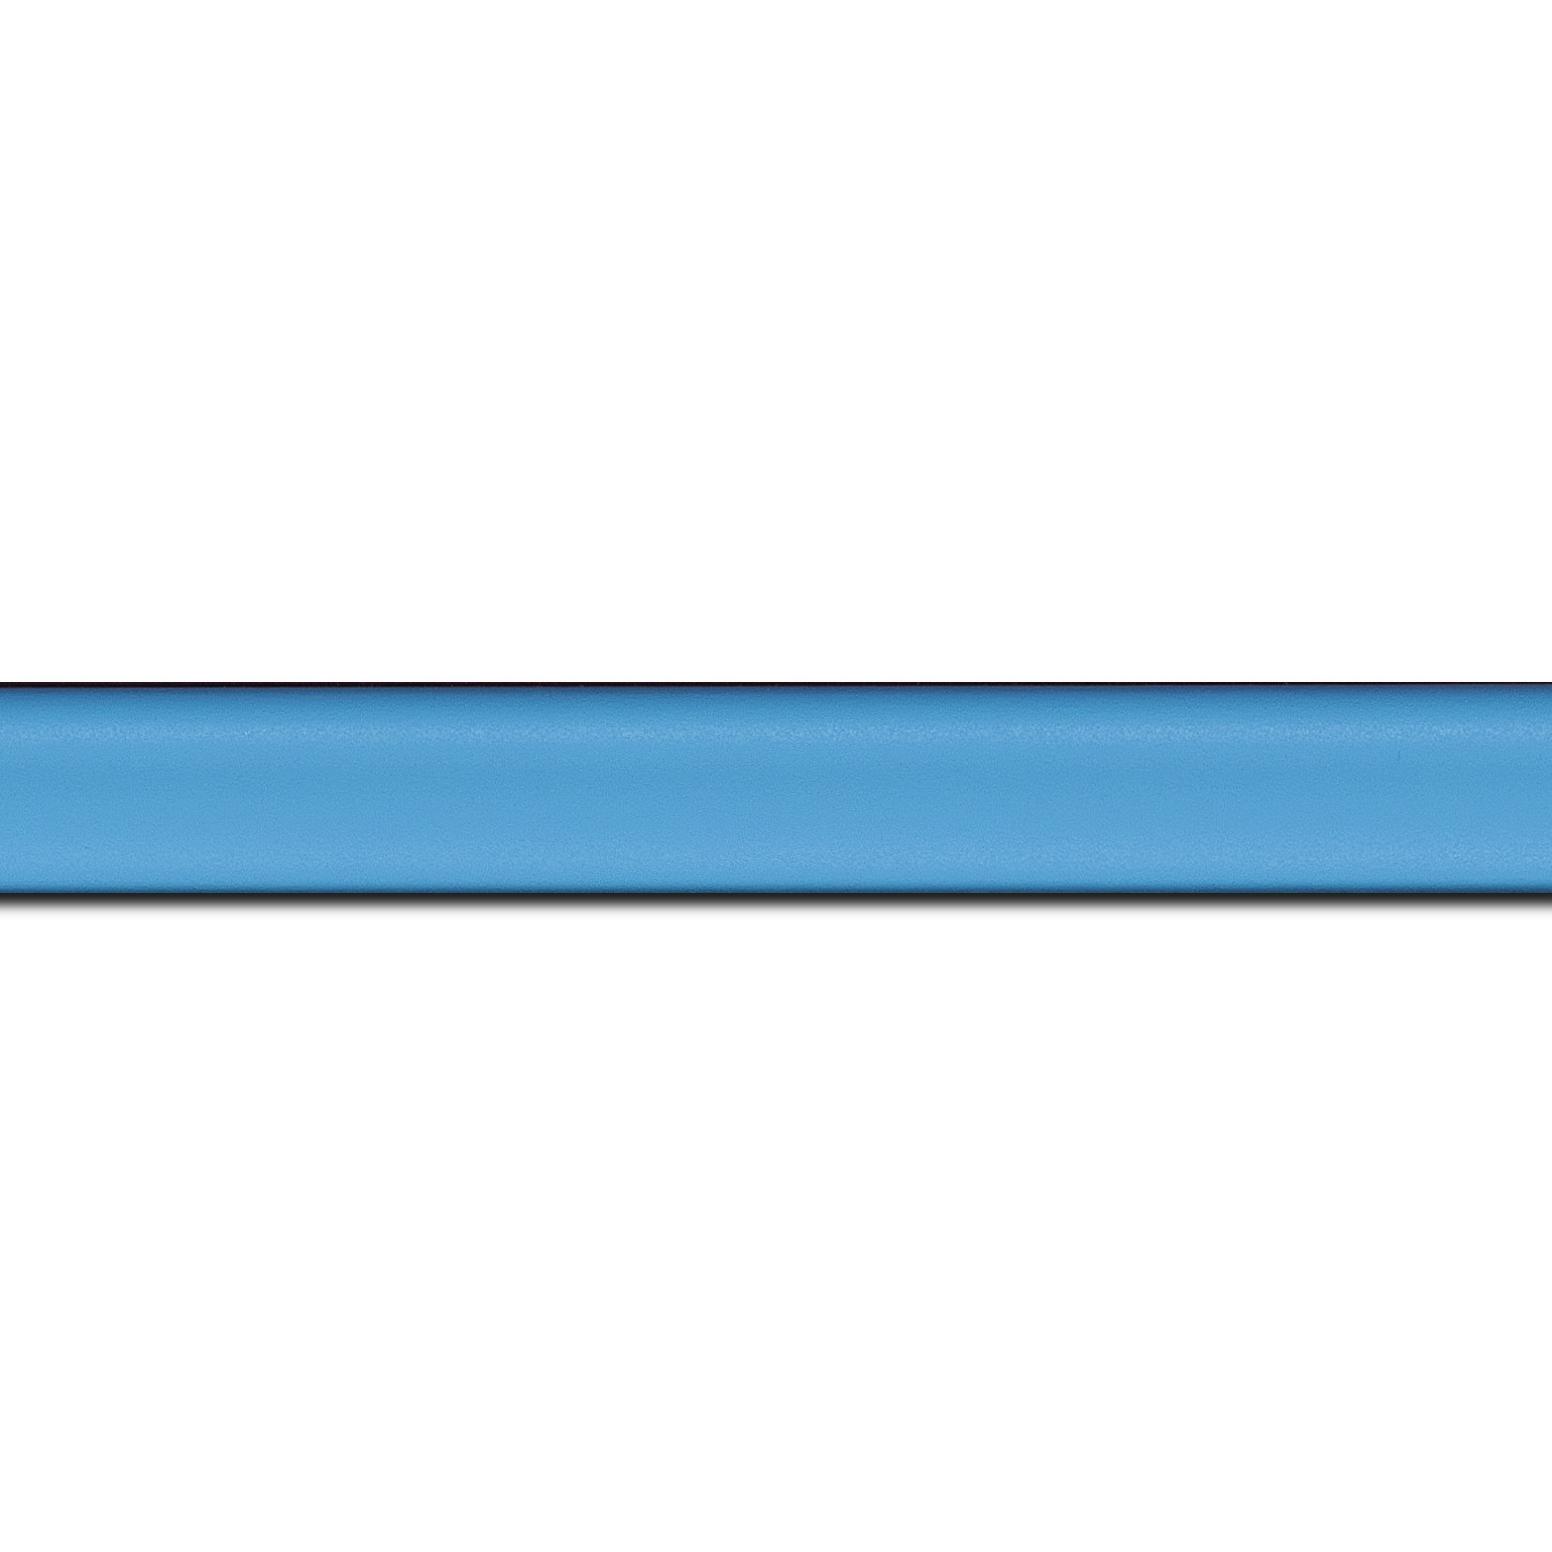 Baguette longueur 1.40m bois profil incurvé largeur 2.1cm couleur bleu tendre satiné